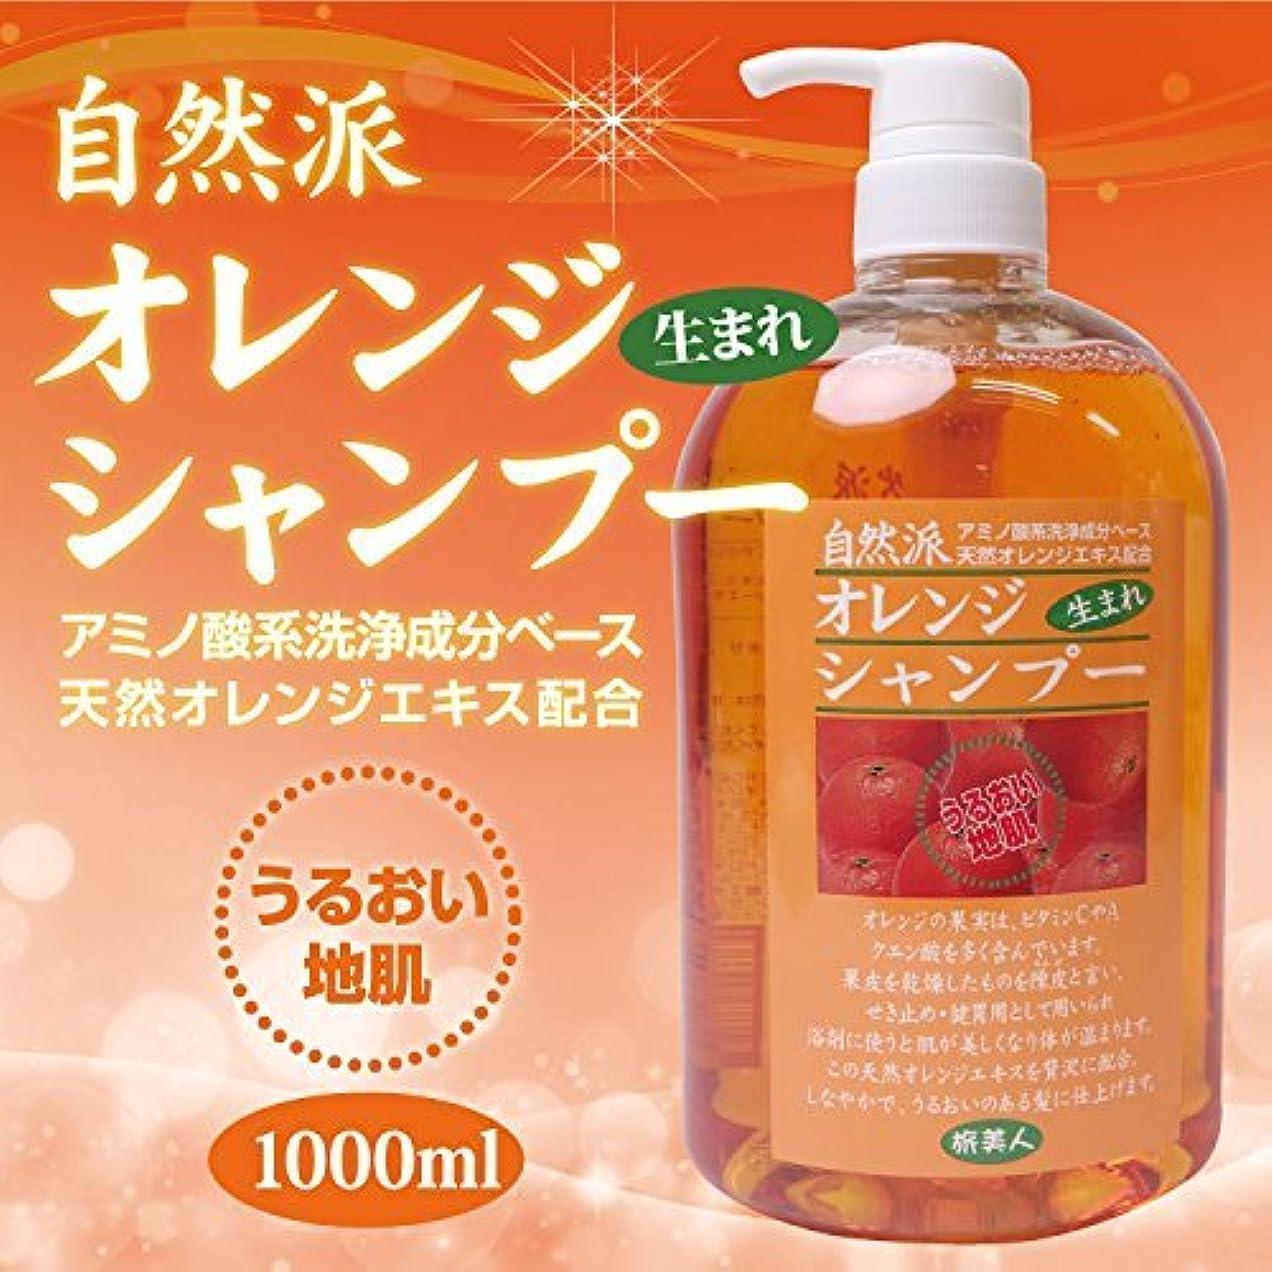 咳あいにく好むアズマ商事の 自然派 オレンジシャンプー 1000ml